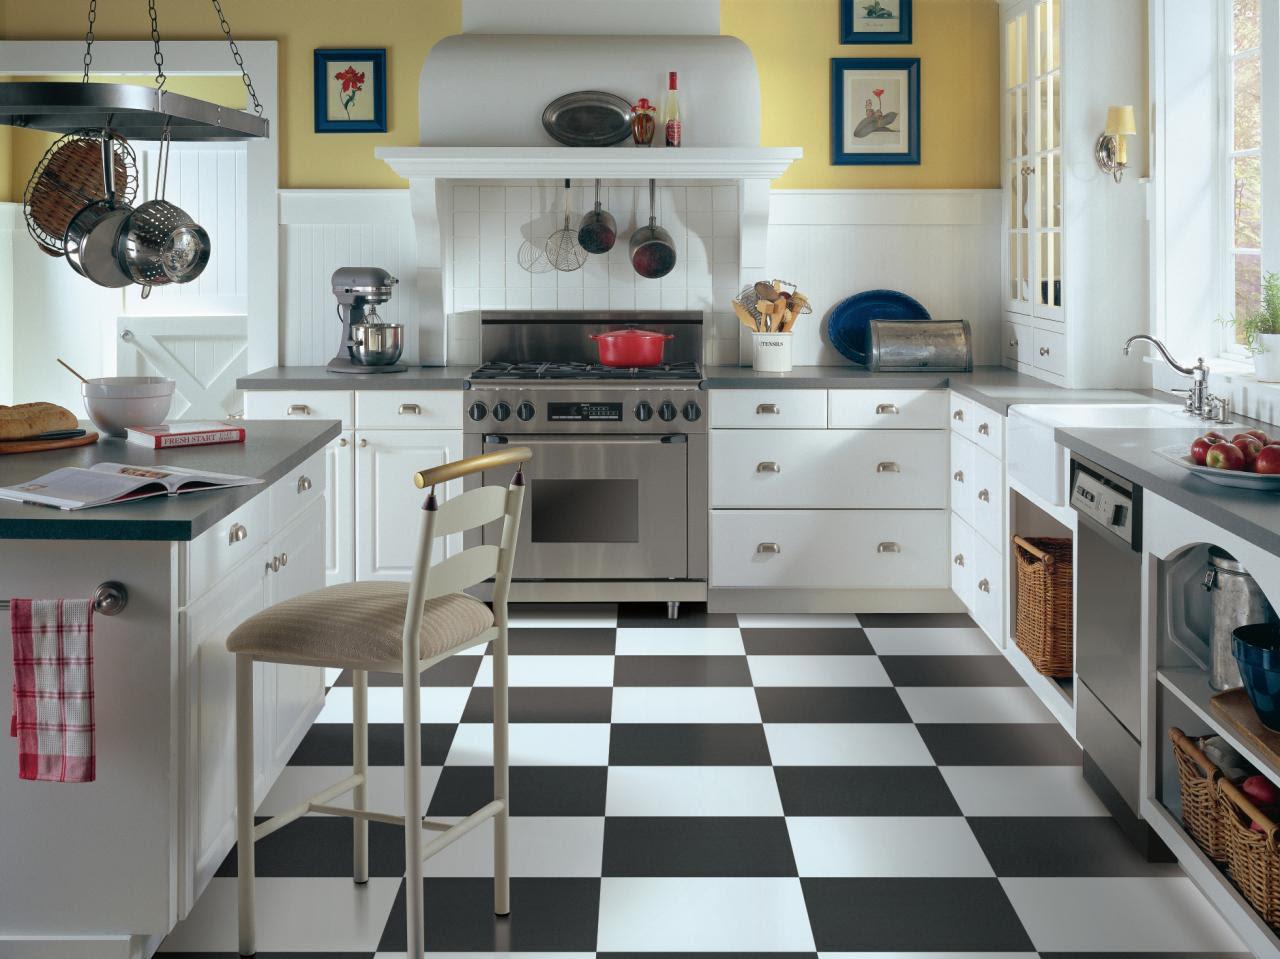 Vinyl Flooring in the Kitchen | HGTV